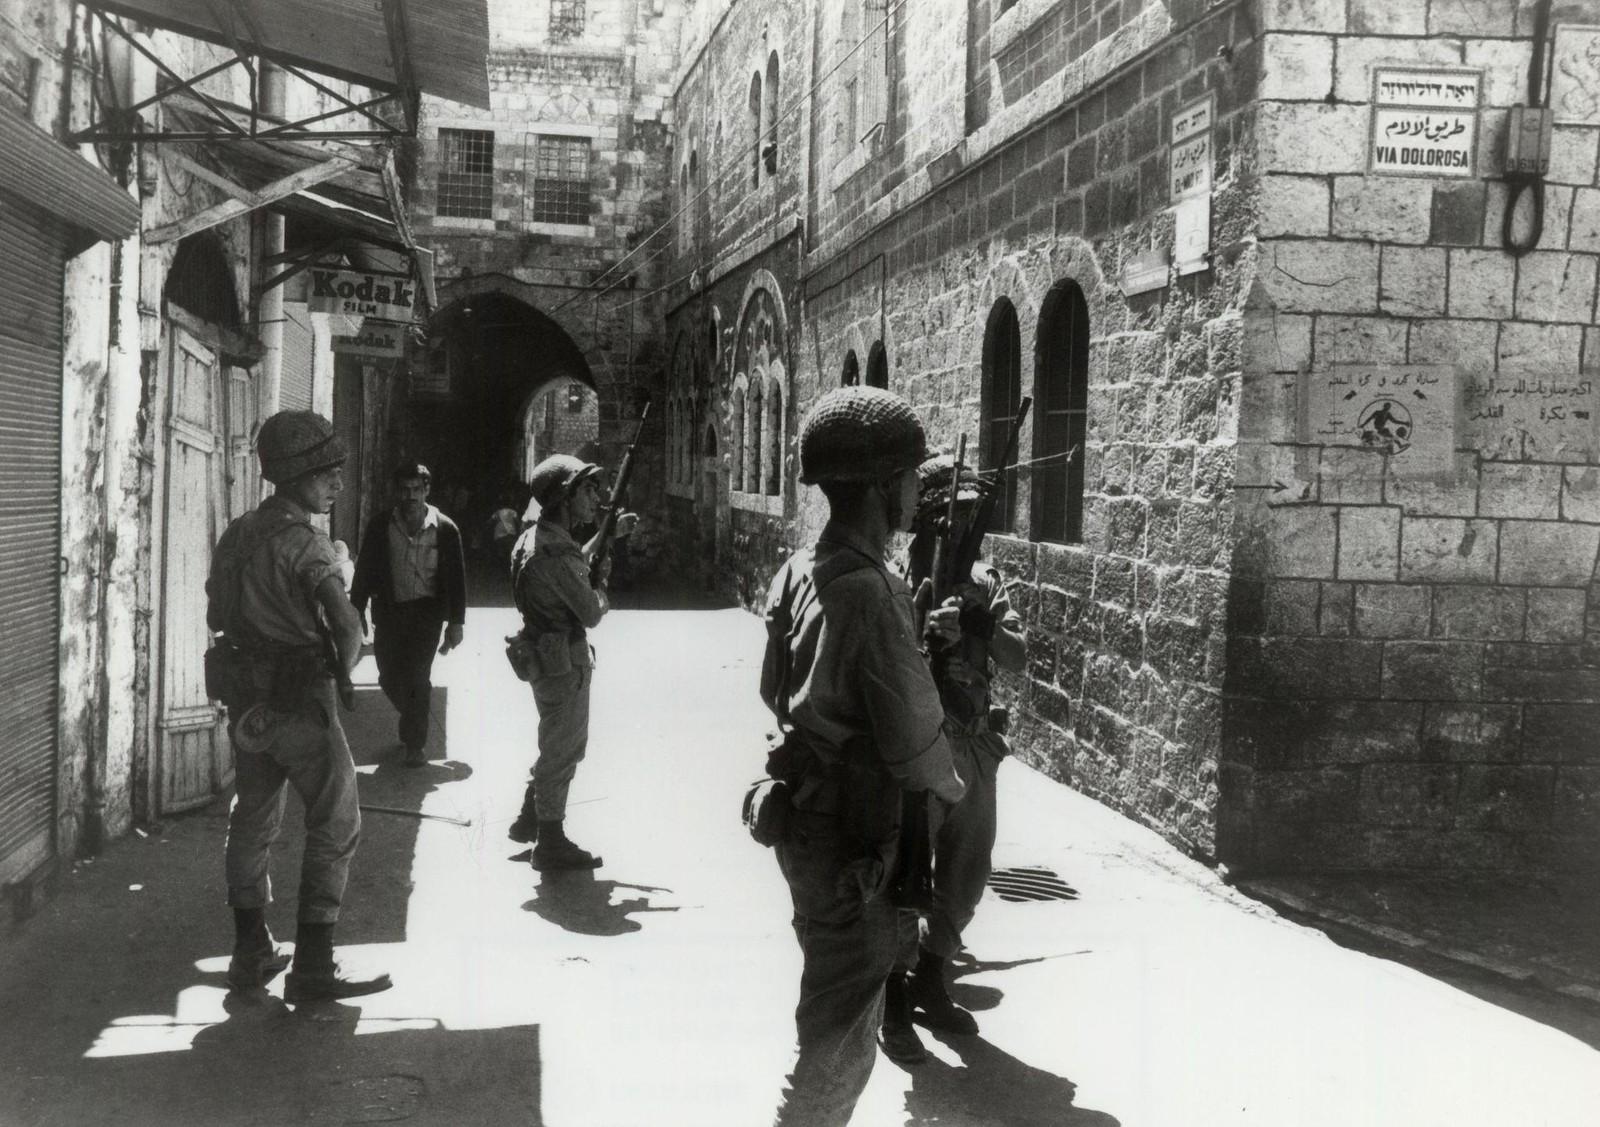 10. Израильский патруль в Старом городе во время арабских волнений